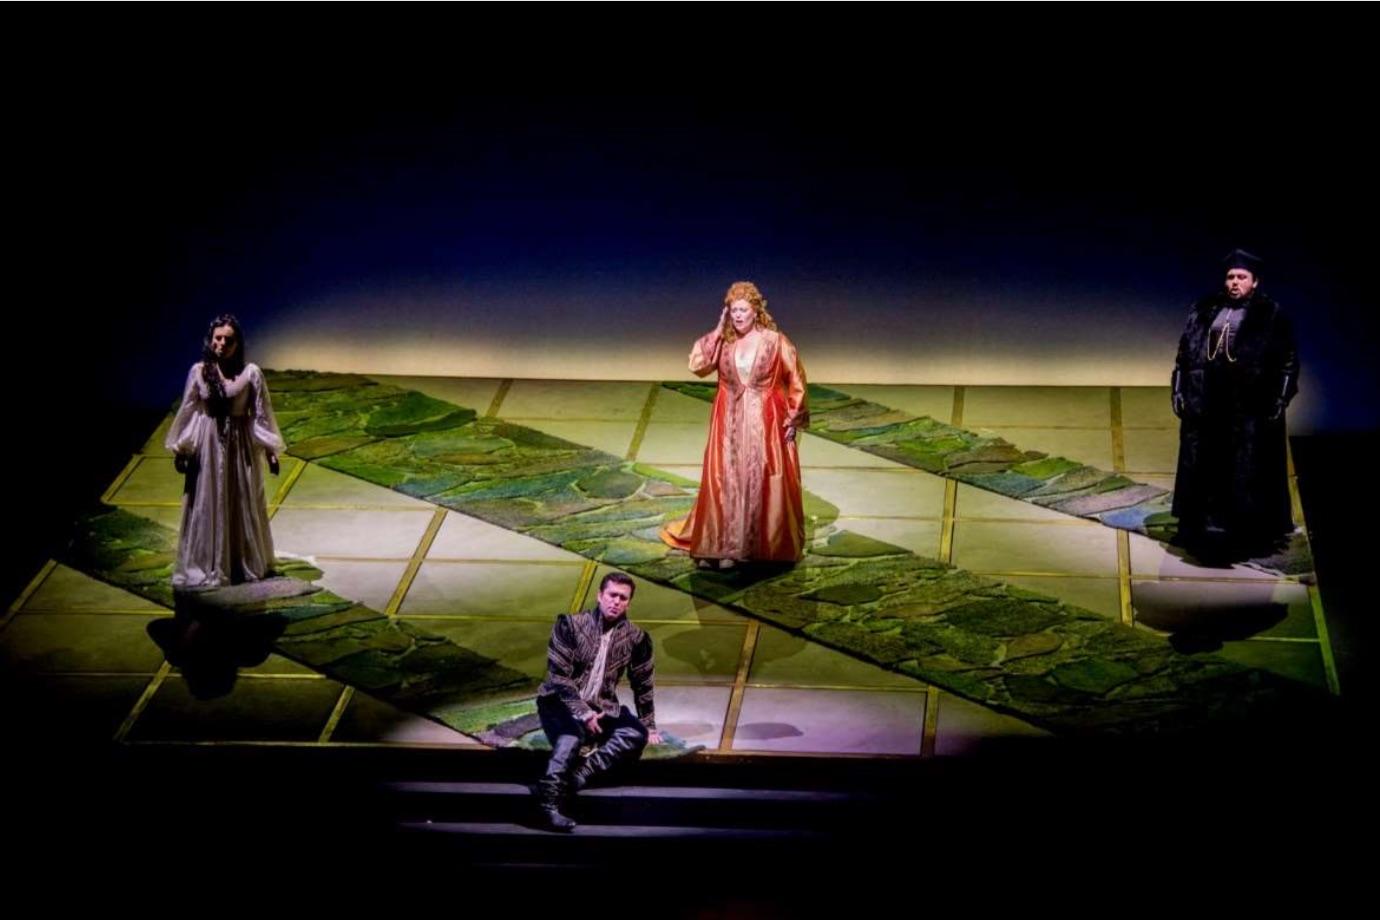 El Festival de Salzburgo 2019 bucea en la Mitología